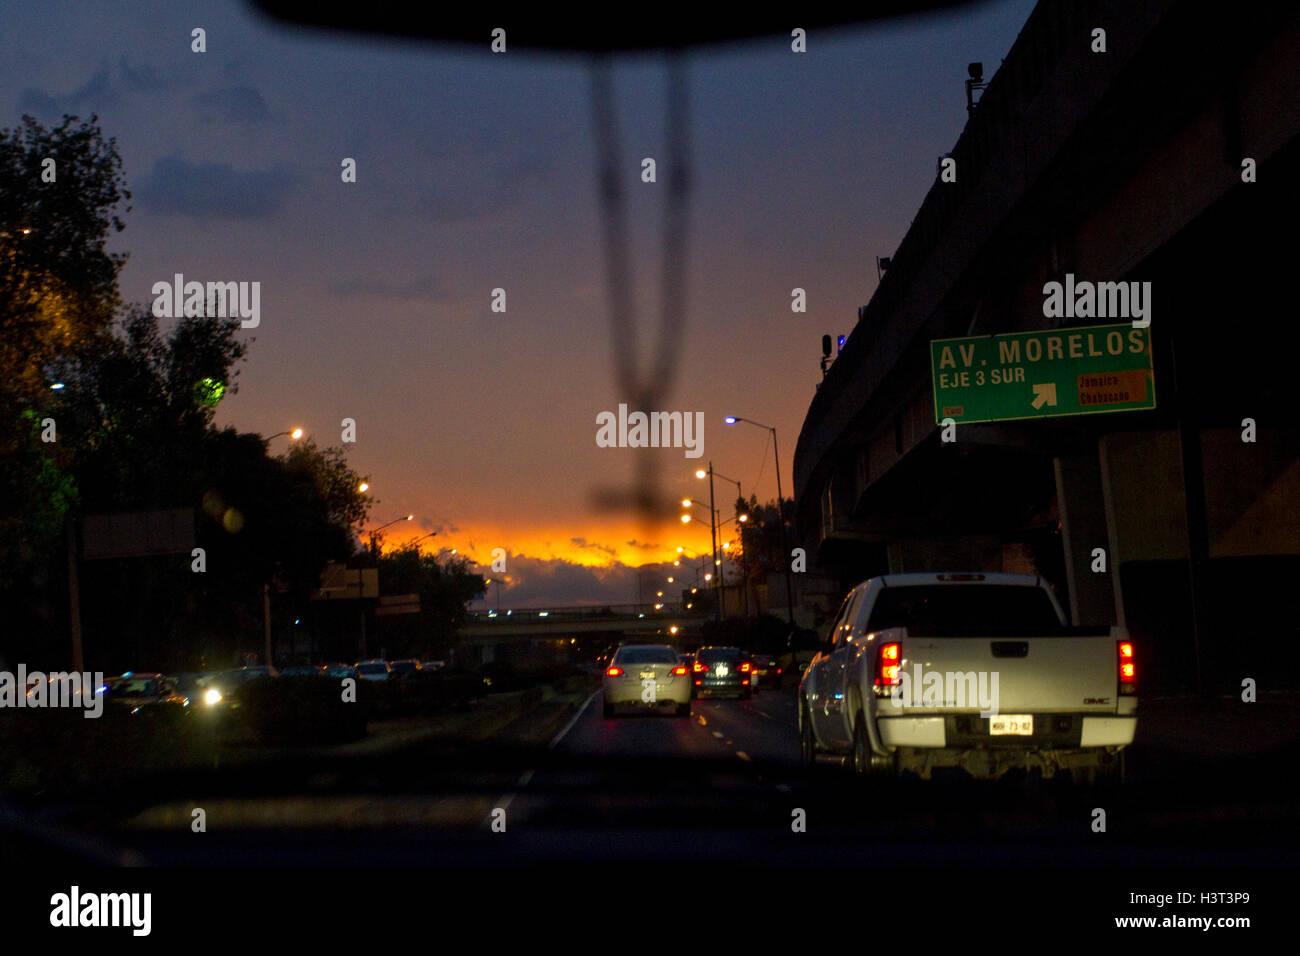 Mexico City. Stock Photo